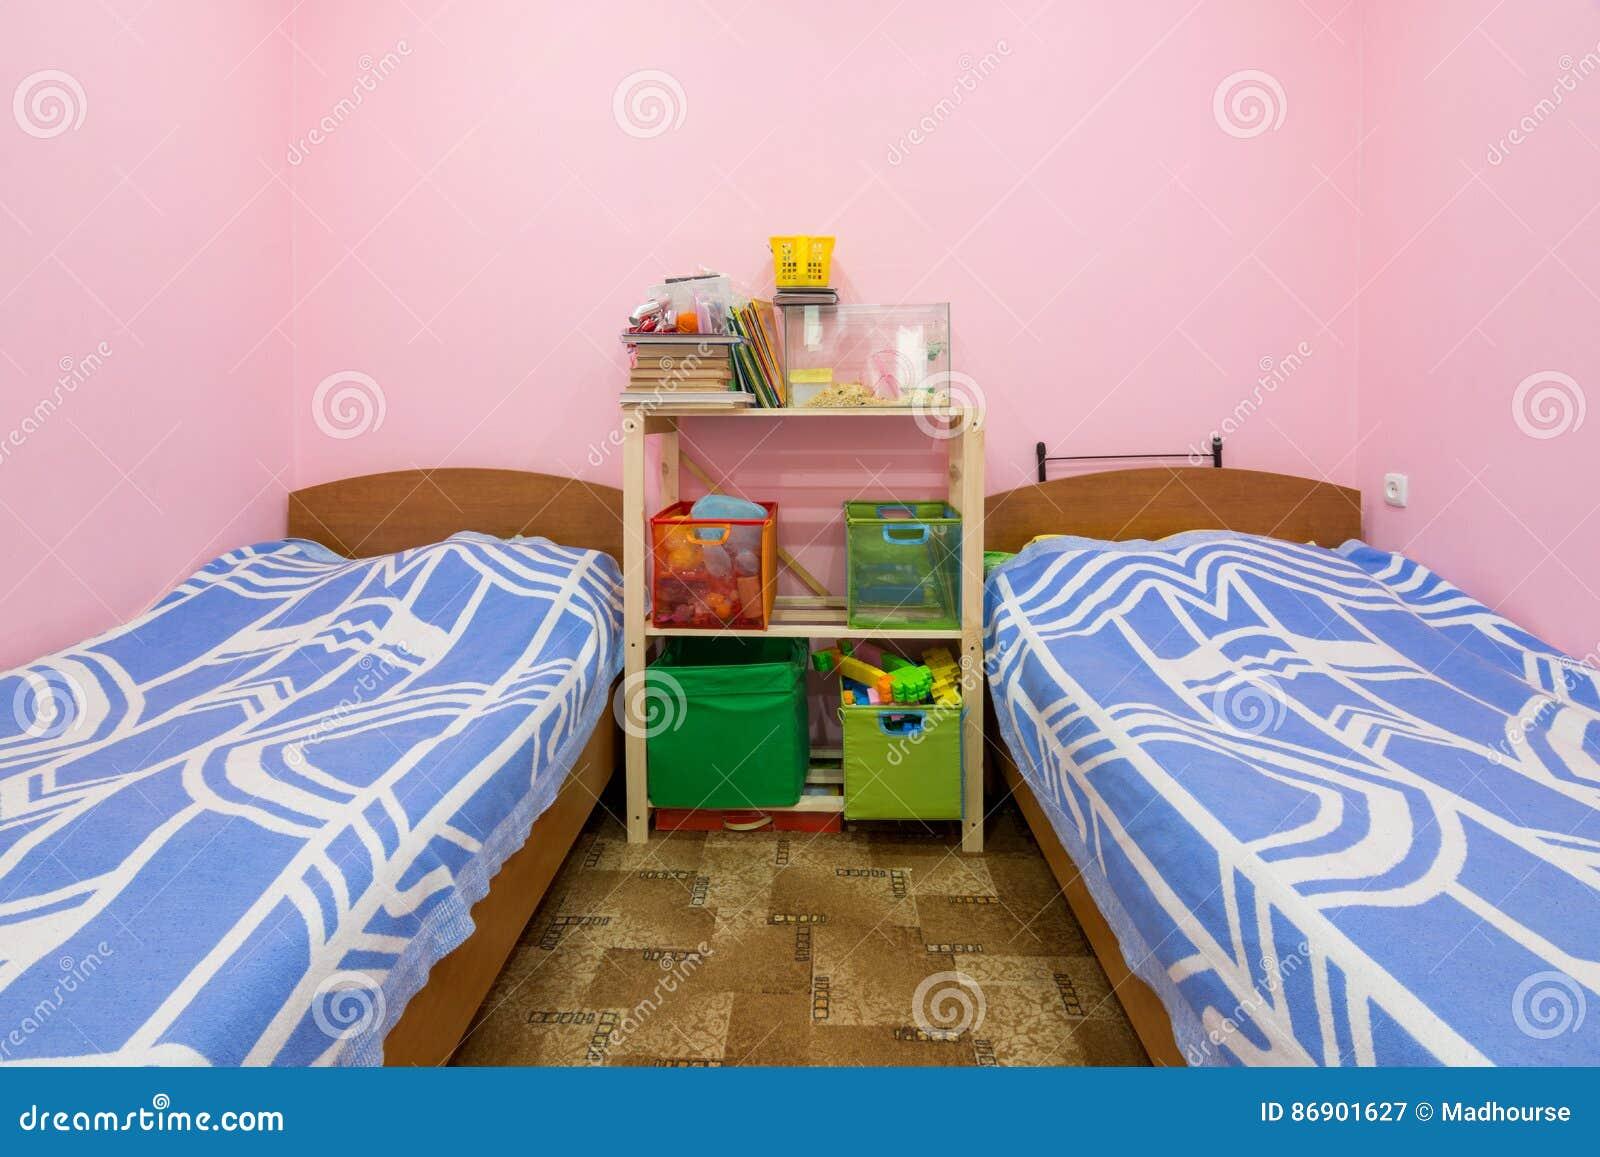 L interno di piccola stanza del dormitorio con due letti e uno scaffale casalingo nel mezzo